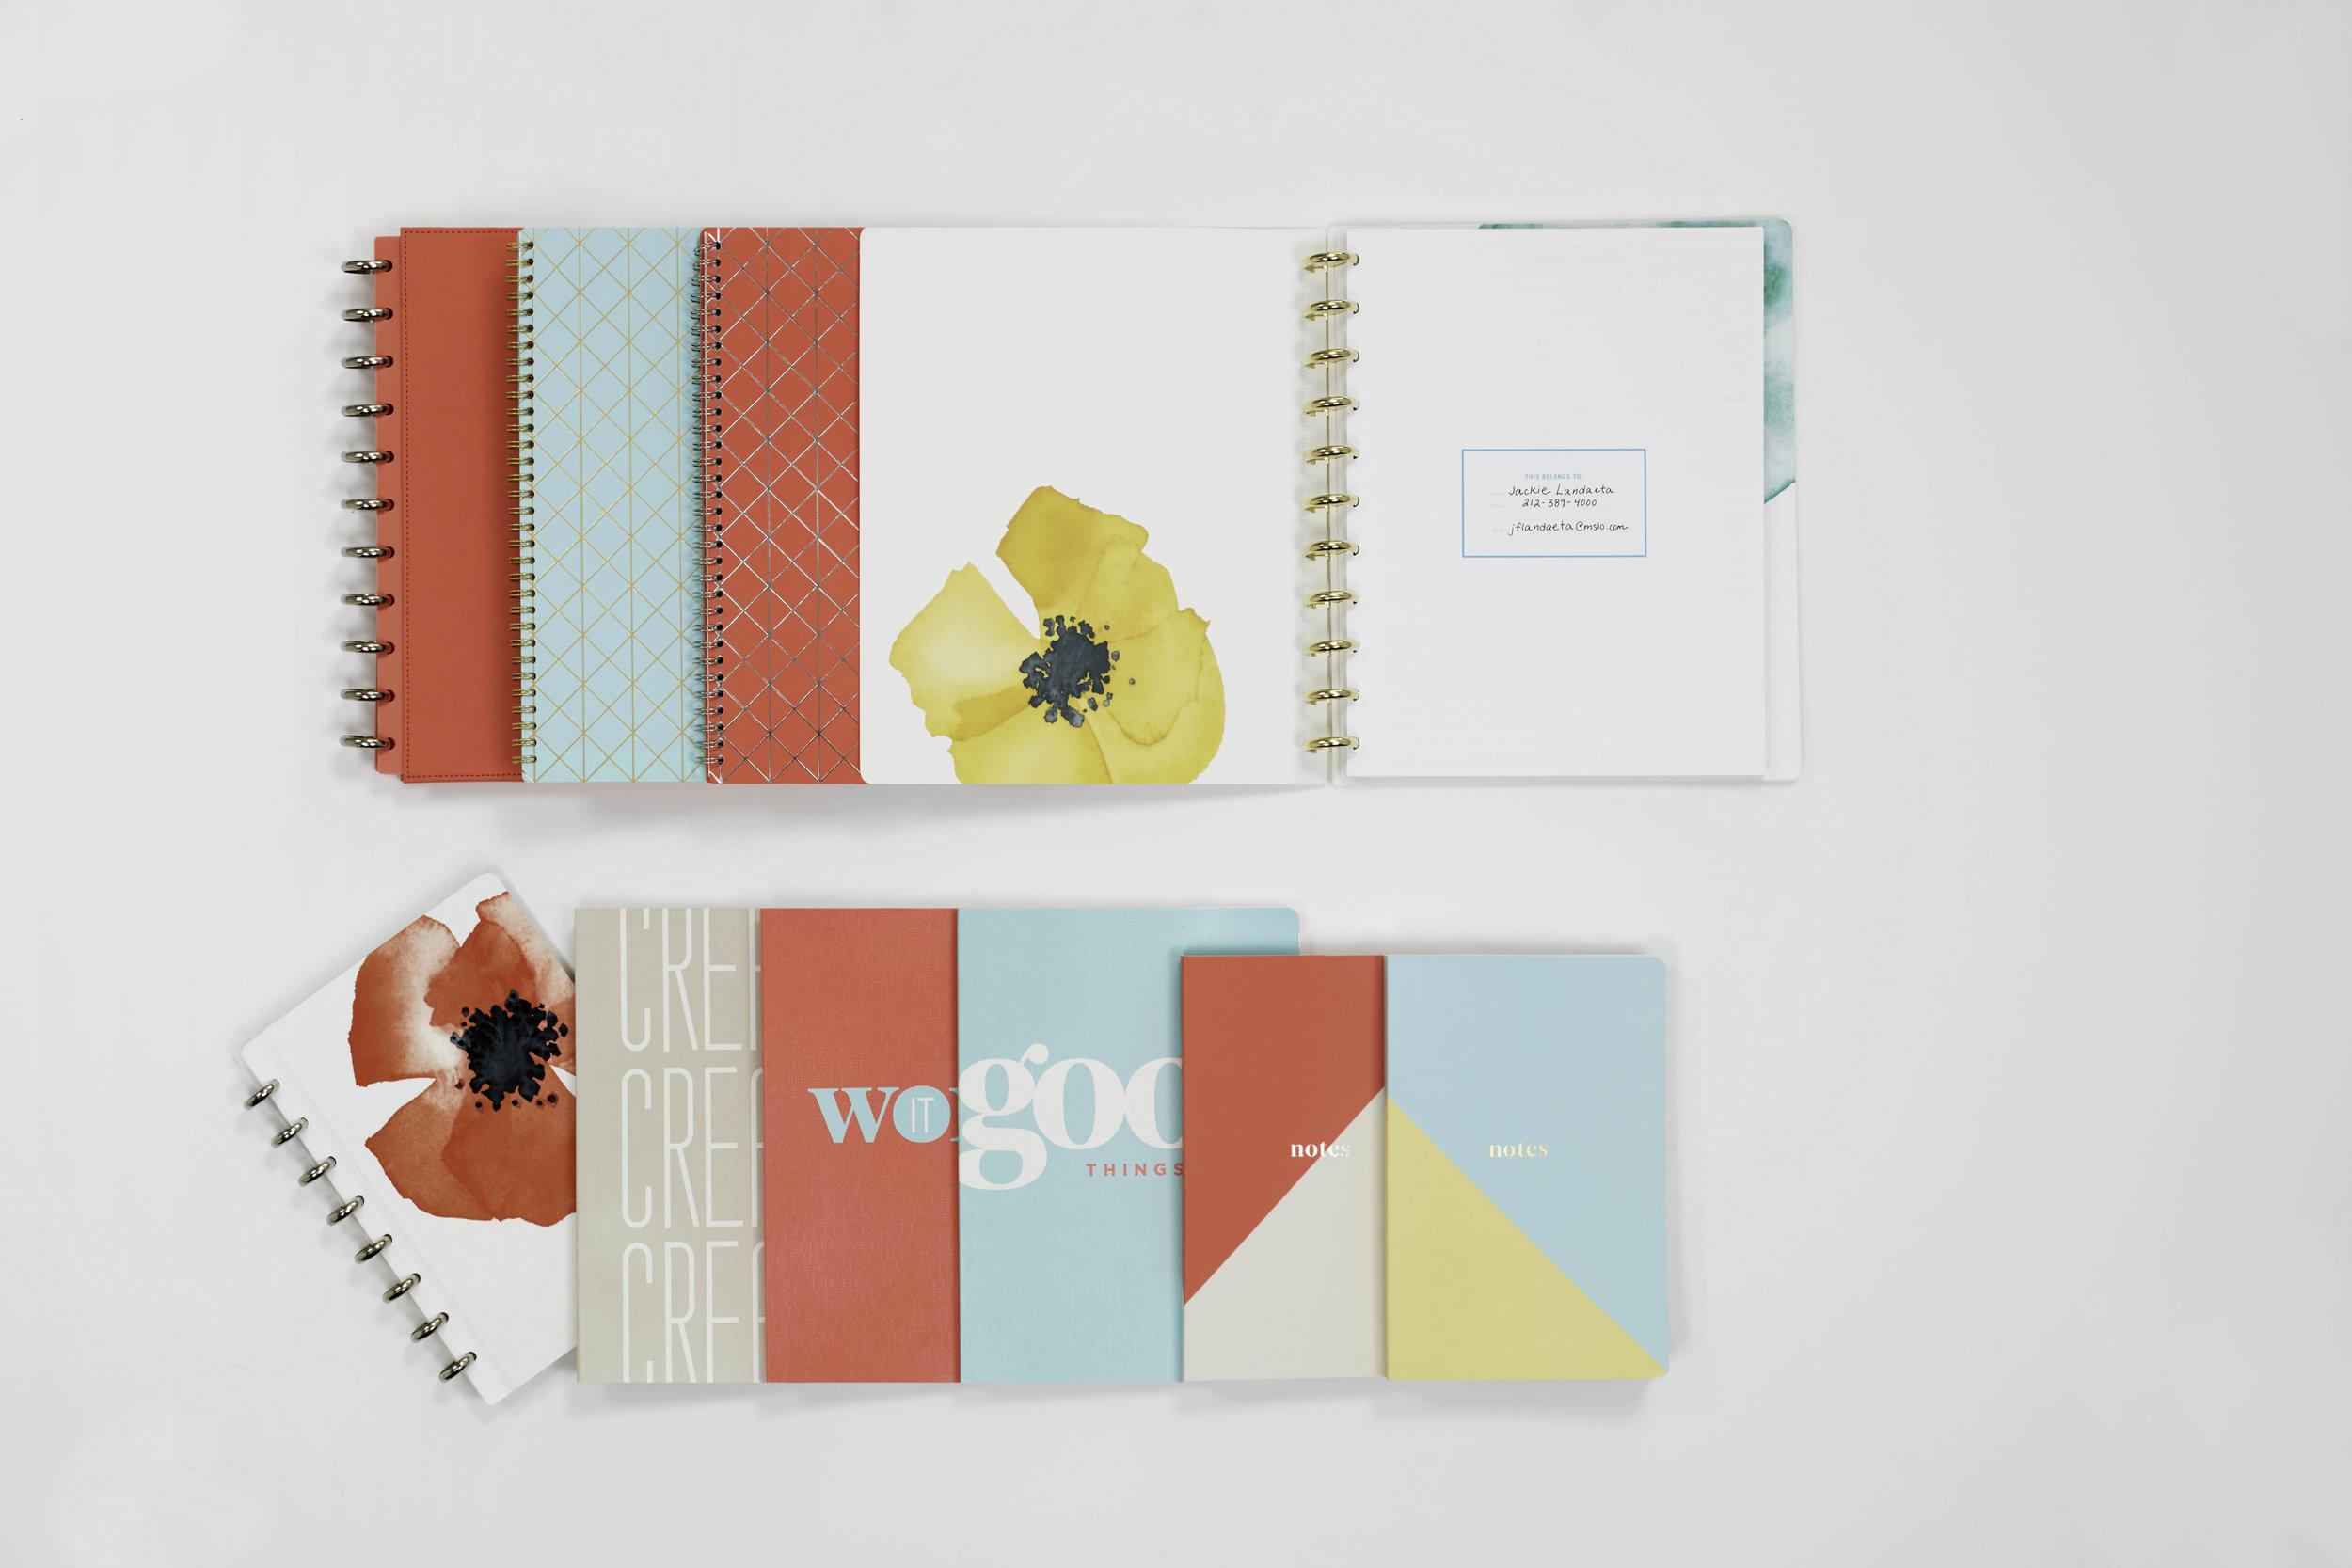 staples-new-notebooks-626-d113202_V4_RGB.jpg